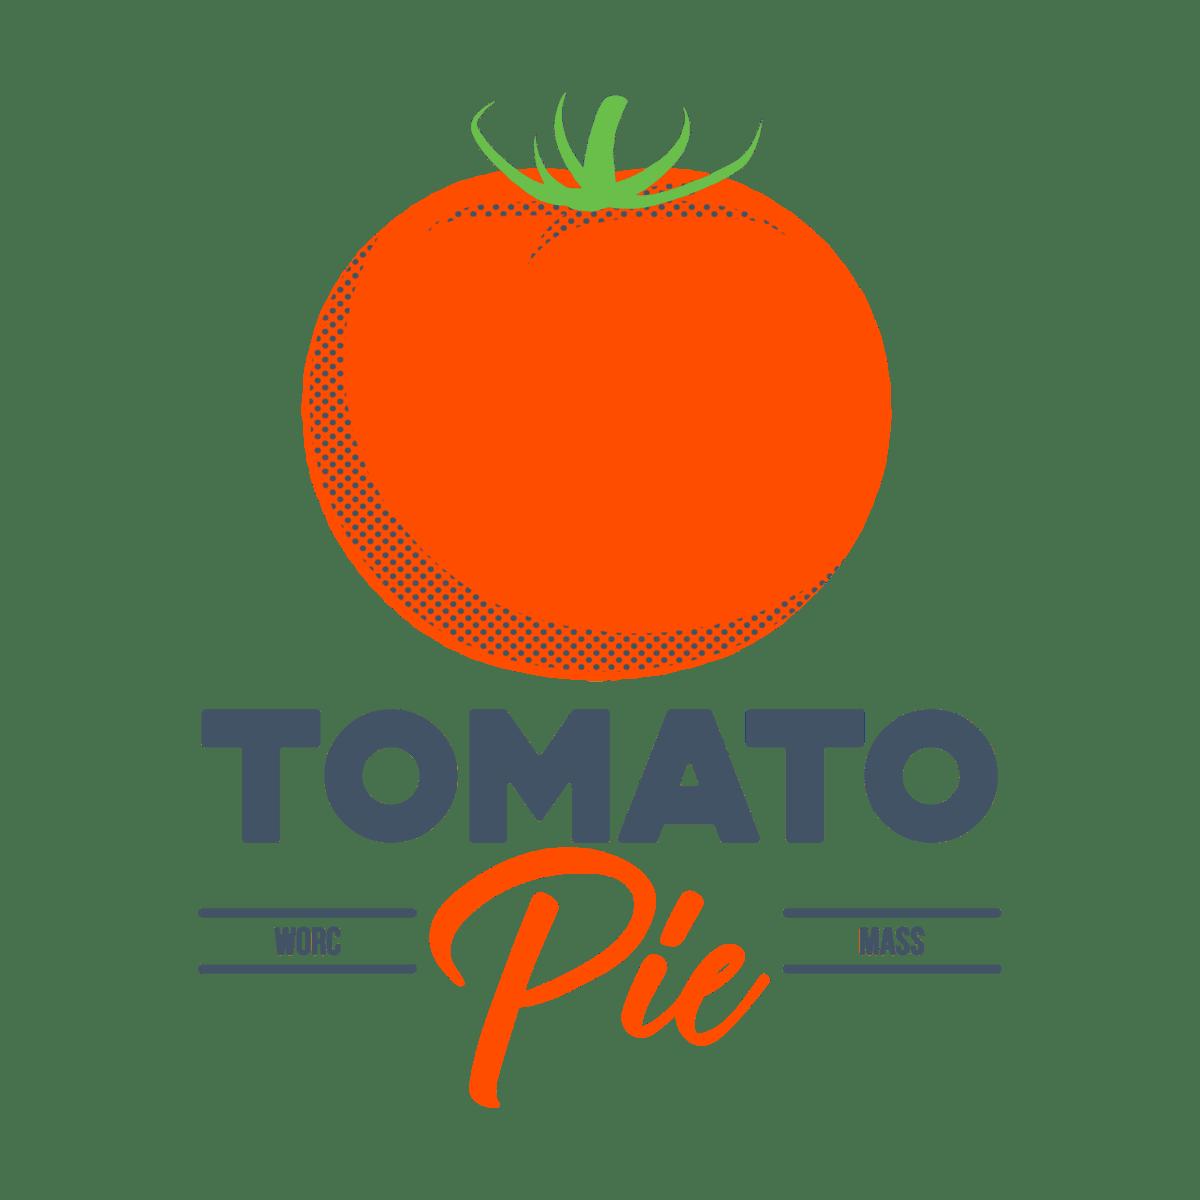 Tomato Pie logo